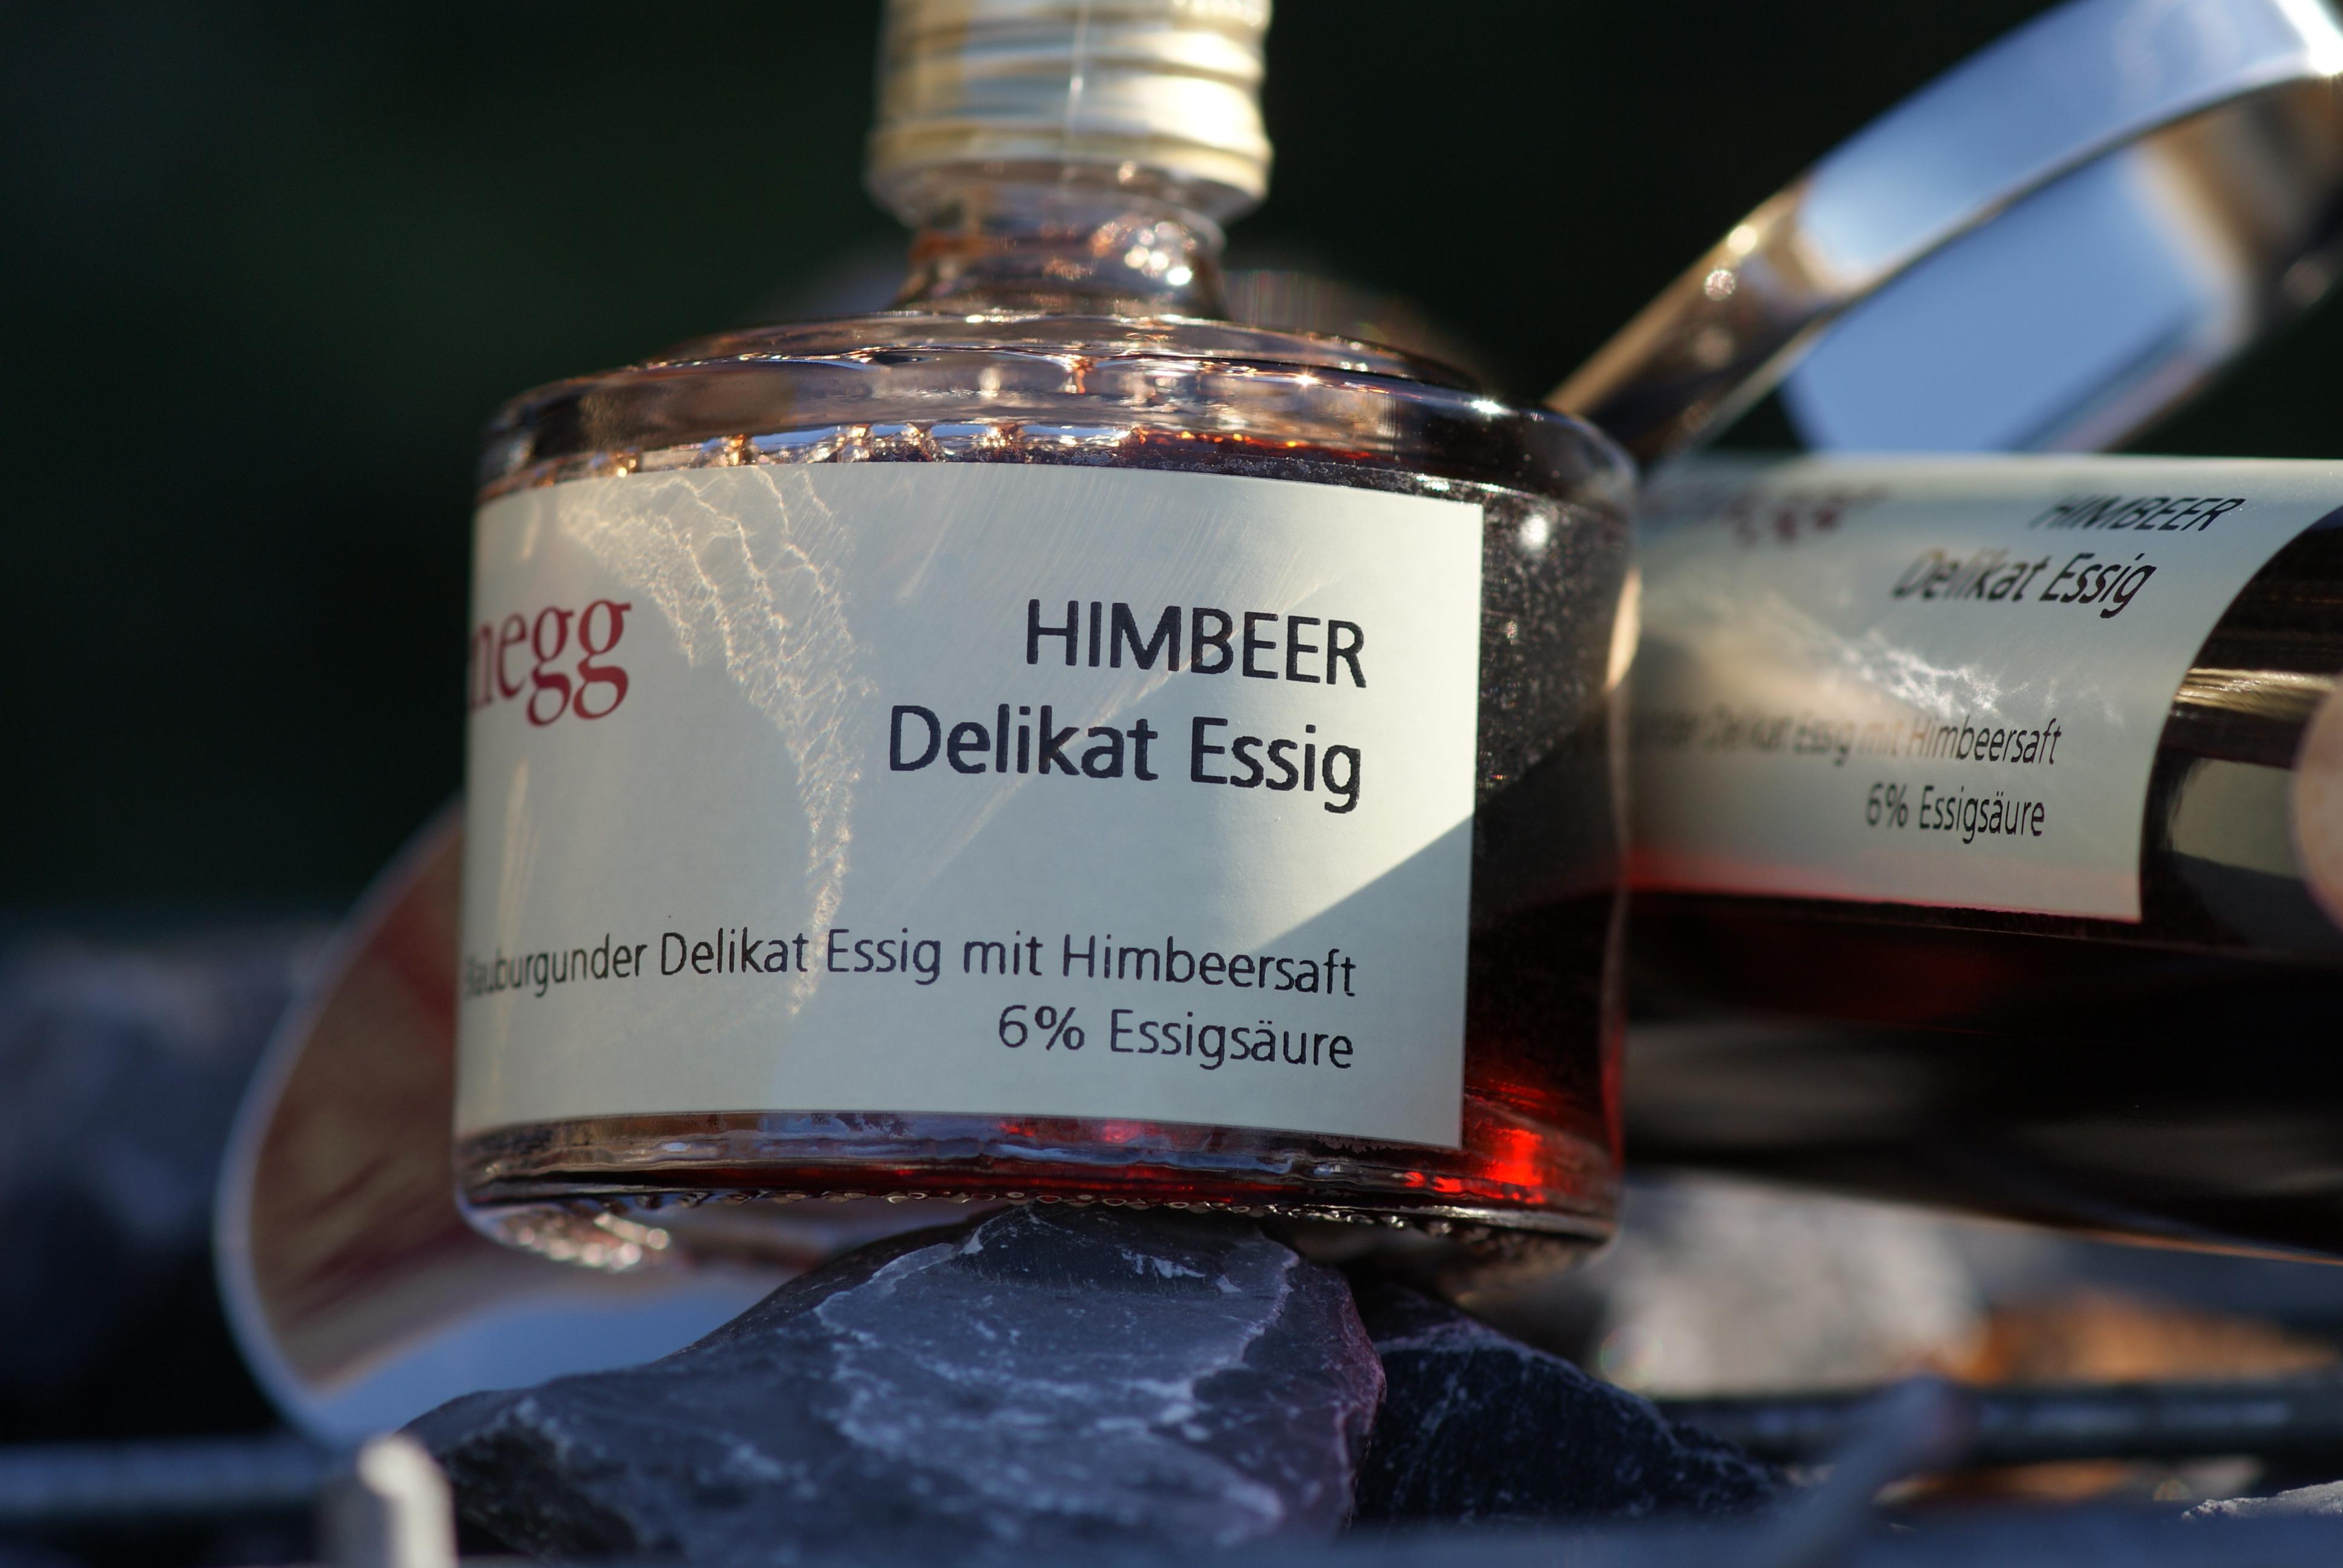 Himbeer Delikat Essig